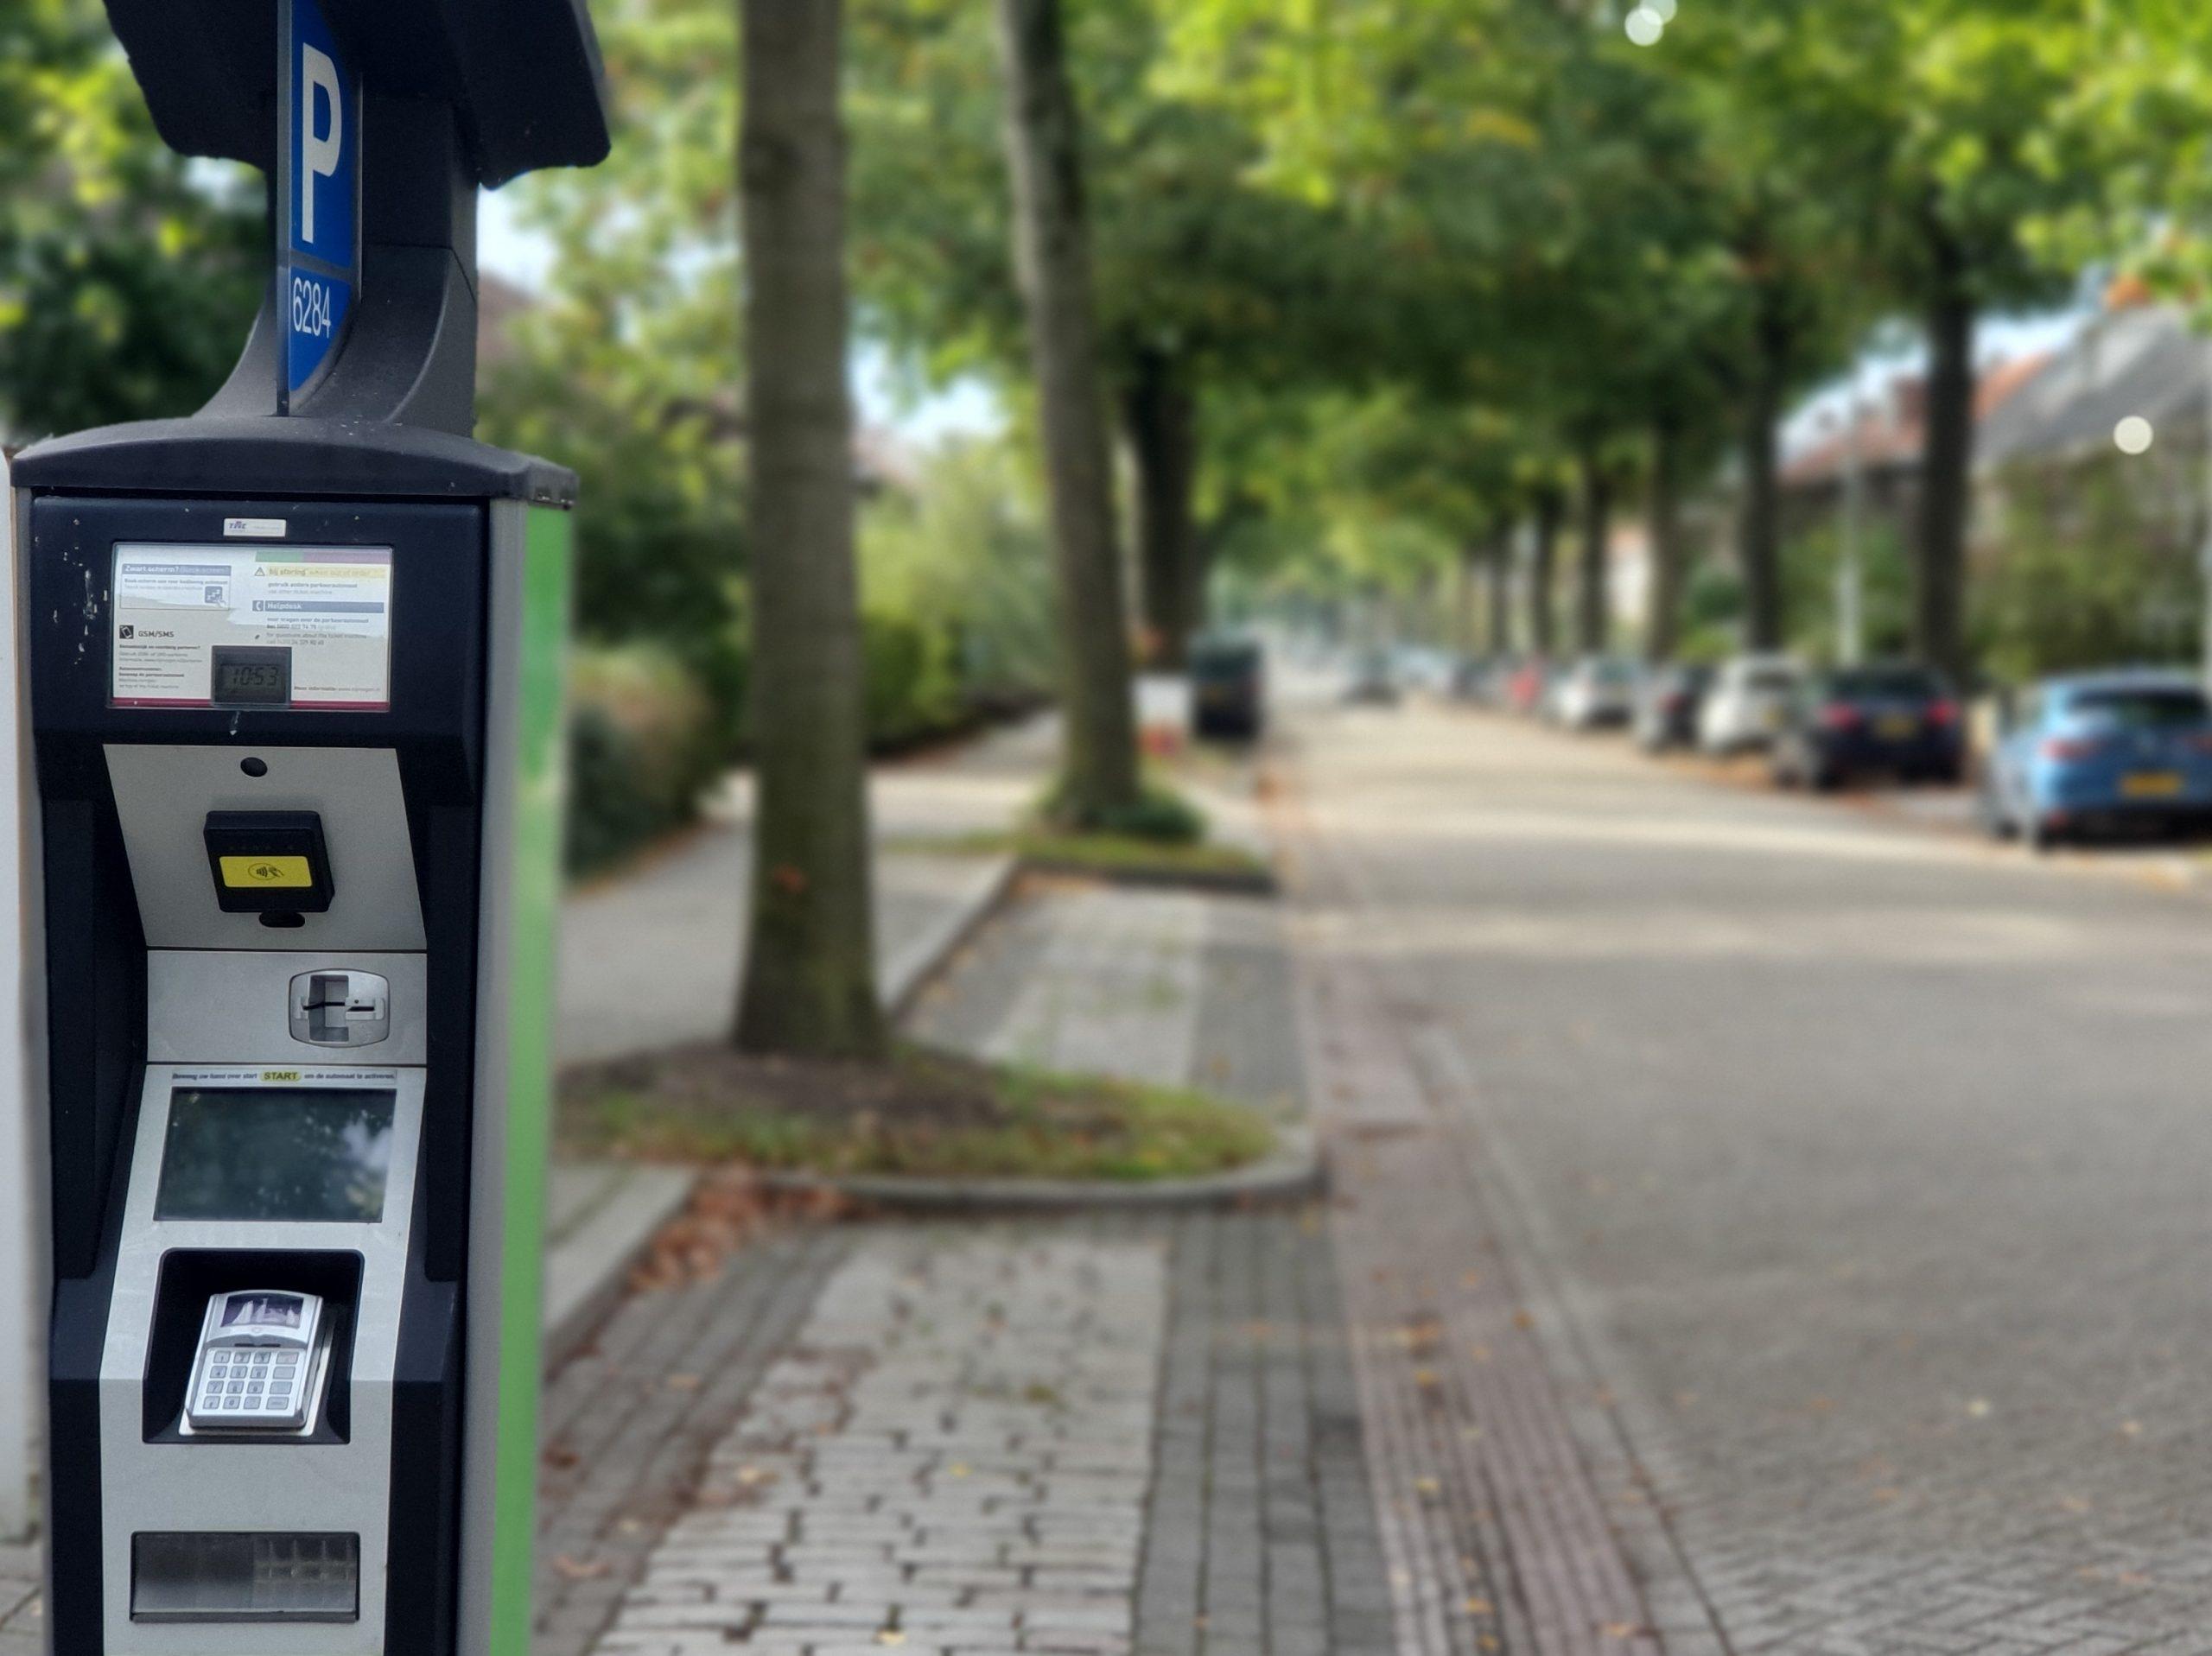 Ingezonden brief over het parkeerbeleid in West